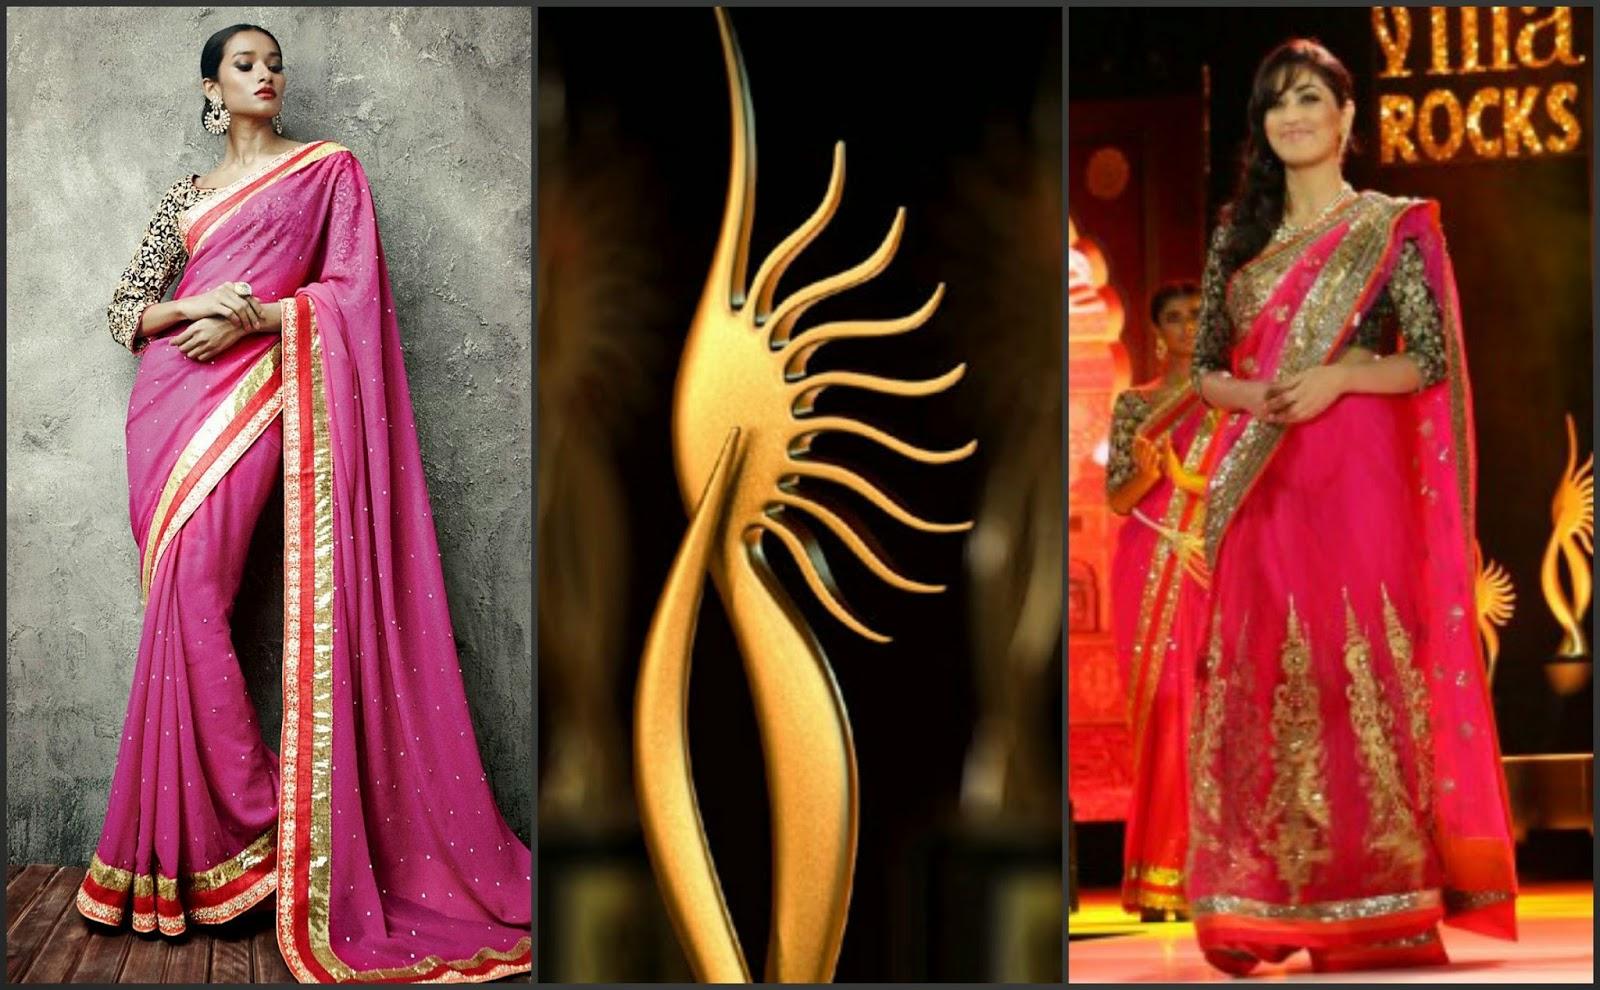 yami gautam iifa saree 2014, iifa saree collection